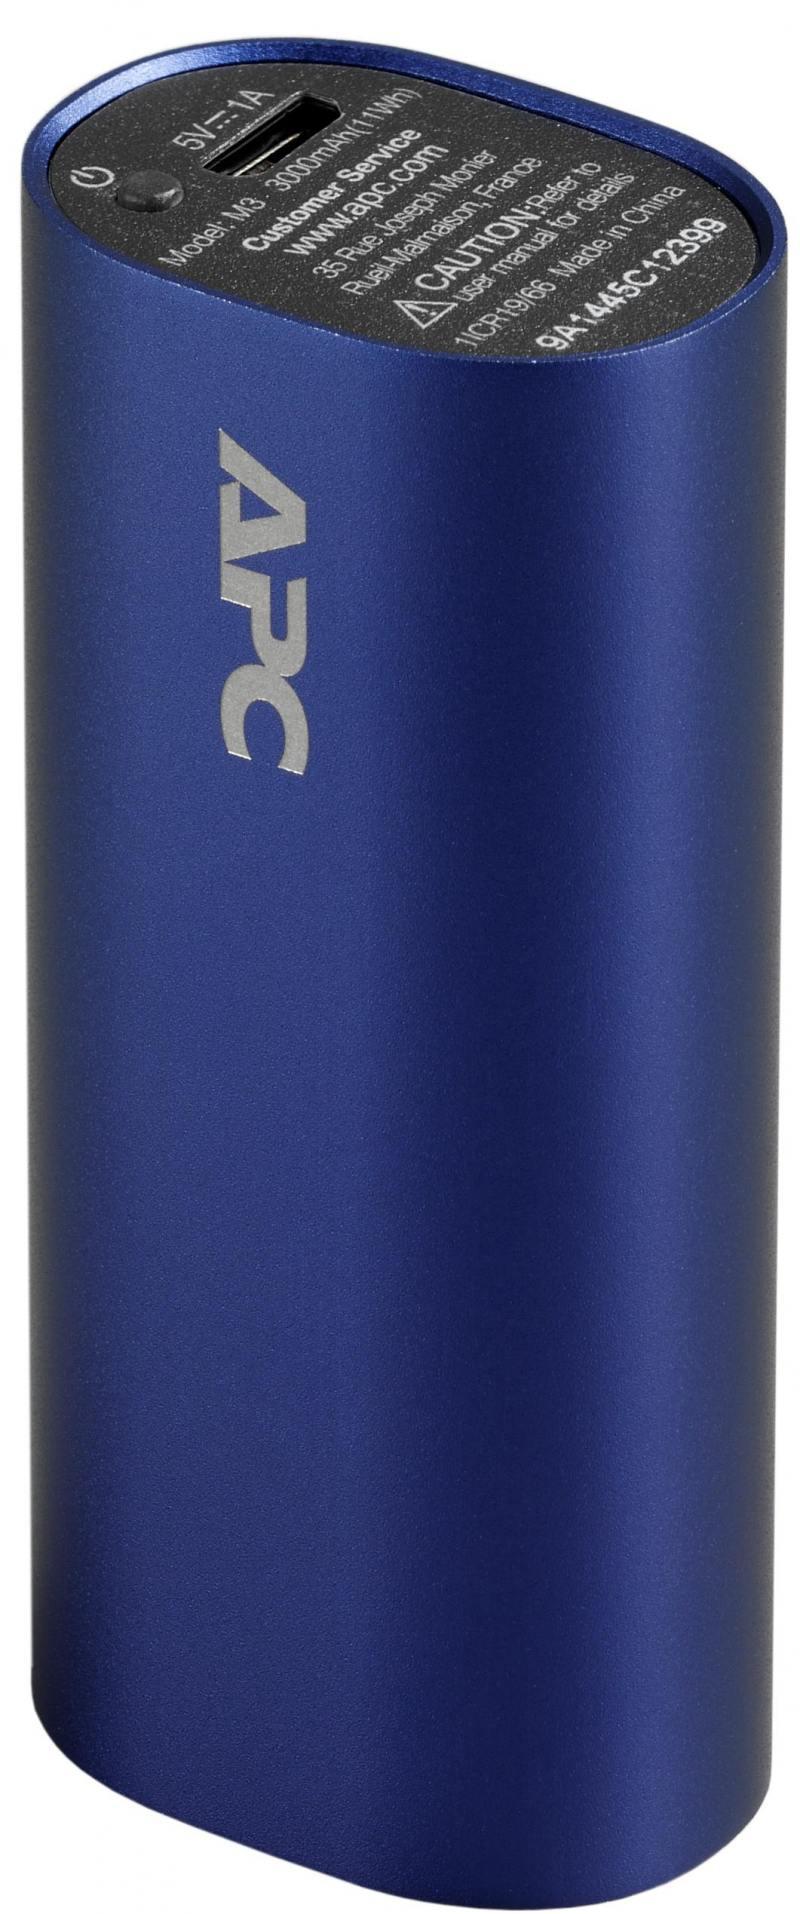 Портативное зарядное устройство APC Mobile Power Pack 3000mAh Li-polymer 1А голубой M3BL-EC